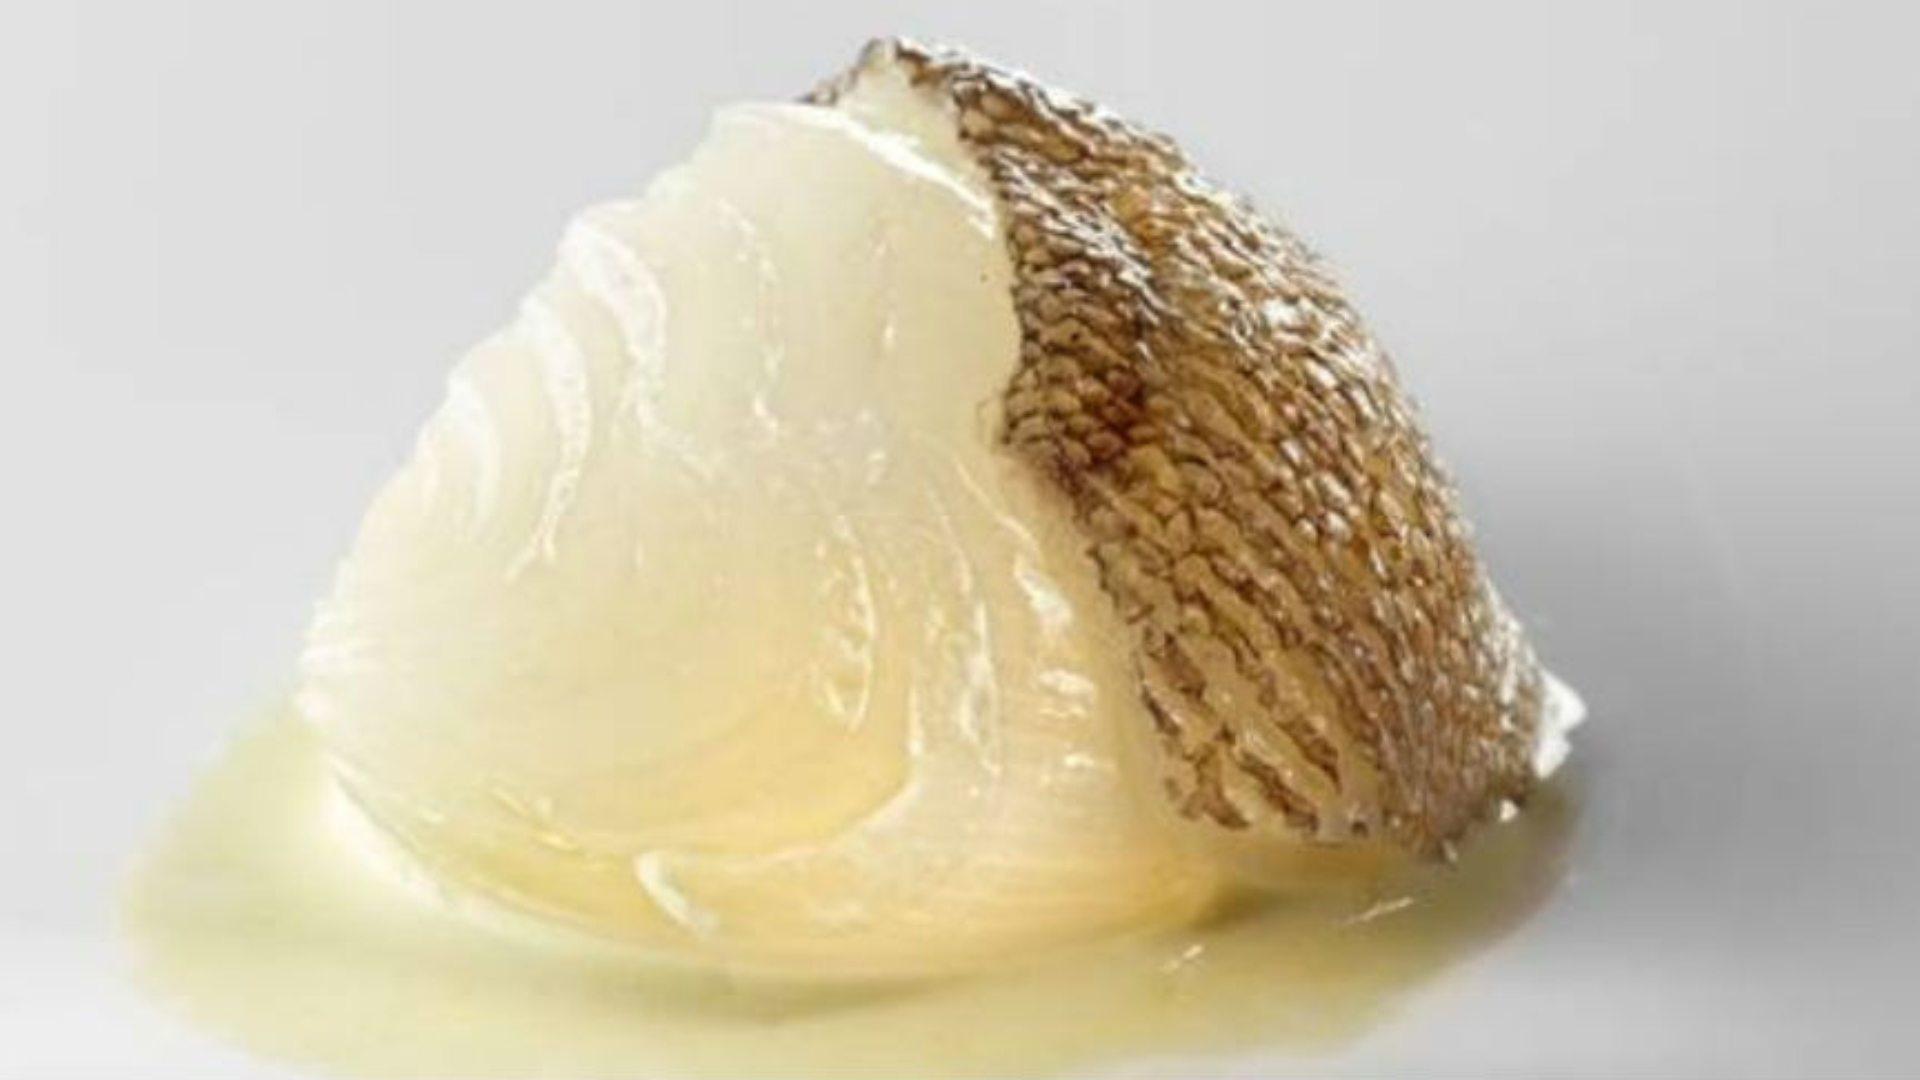 Plato estrella: Cebolla blanca, fondo de bacalao y pimienta verde